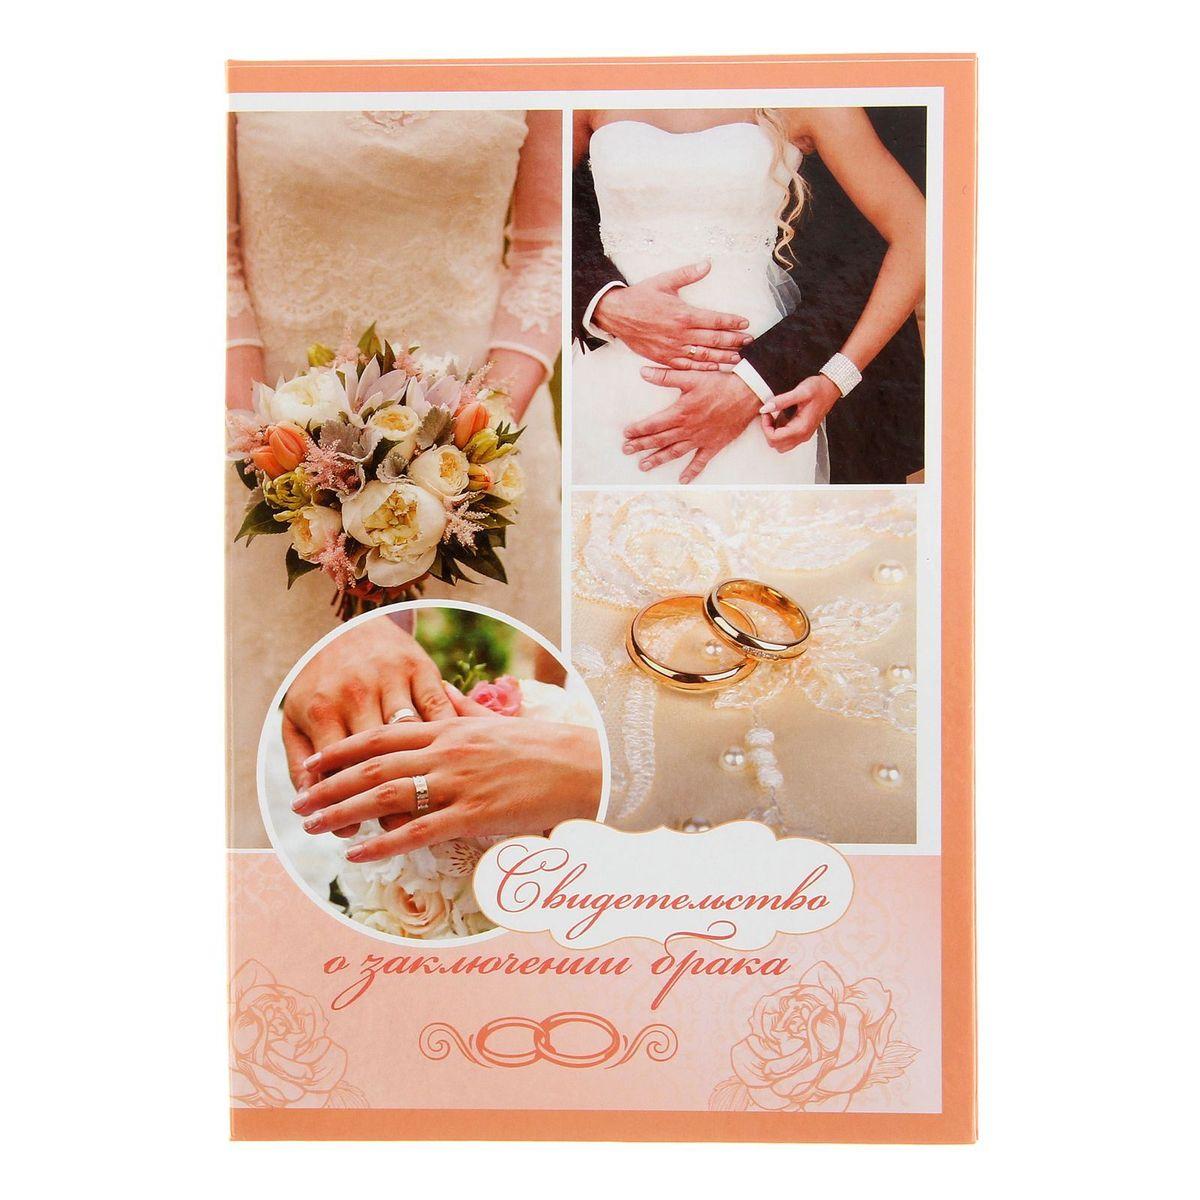 Папка для свидетельства о заключении брака Sima-land Коллаж руки, 0,3 x 20,5 x 14,2 см1270025Папка для свидетельства о заключении брака - наилучшее обрамление первого совместного документа молодой семьи. Она подчеркнёт торжественность бракосочетания и будет напоминать вам о светлом дне свадьбы!Папка формата А5 из ламинированного картона имеет удобный файл внутри (27 х 20 см), который бережно сохранит столь важный документ в первозданном виде.Интересный дизайн обложки душевные пожелания создадут отличное настроение новобрачным. Выберите этот аксессуар себе или подарите друзьям. Папка станет хорошим презентом на свадьбу или её годовщину.